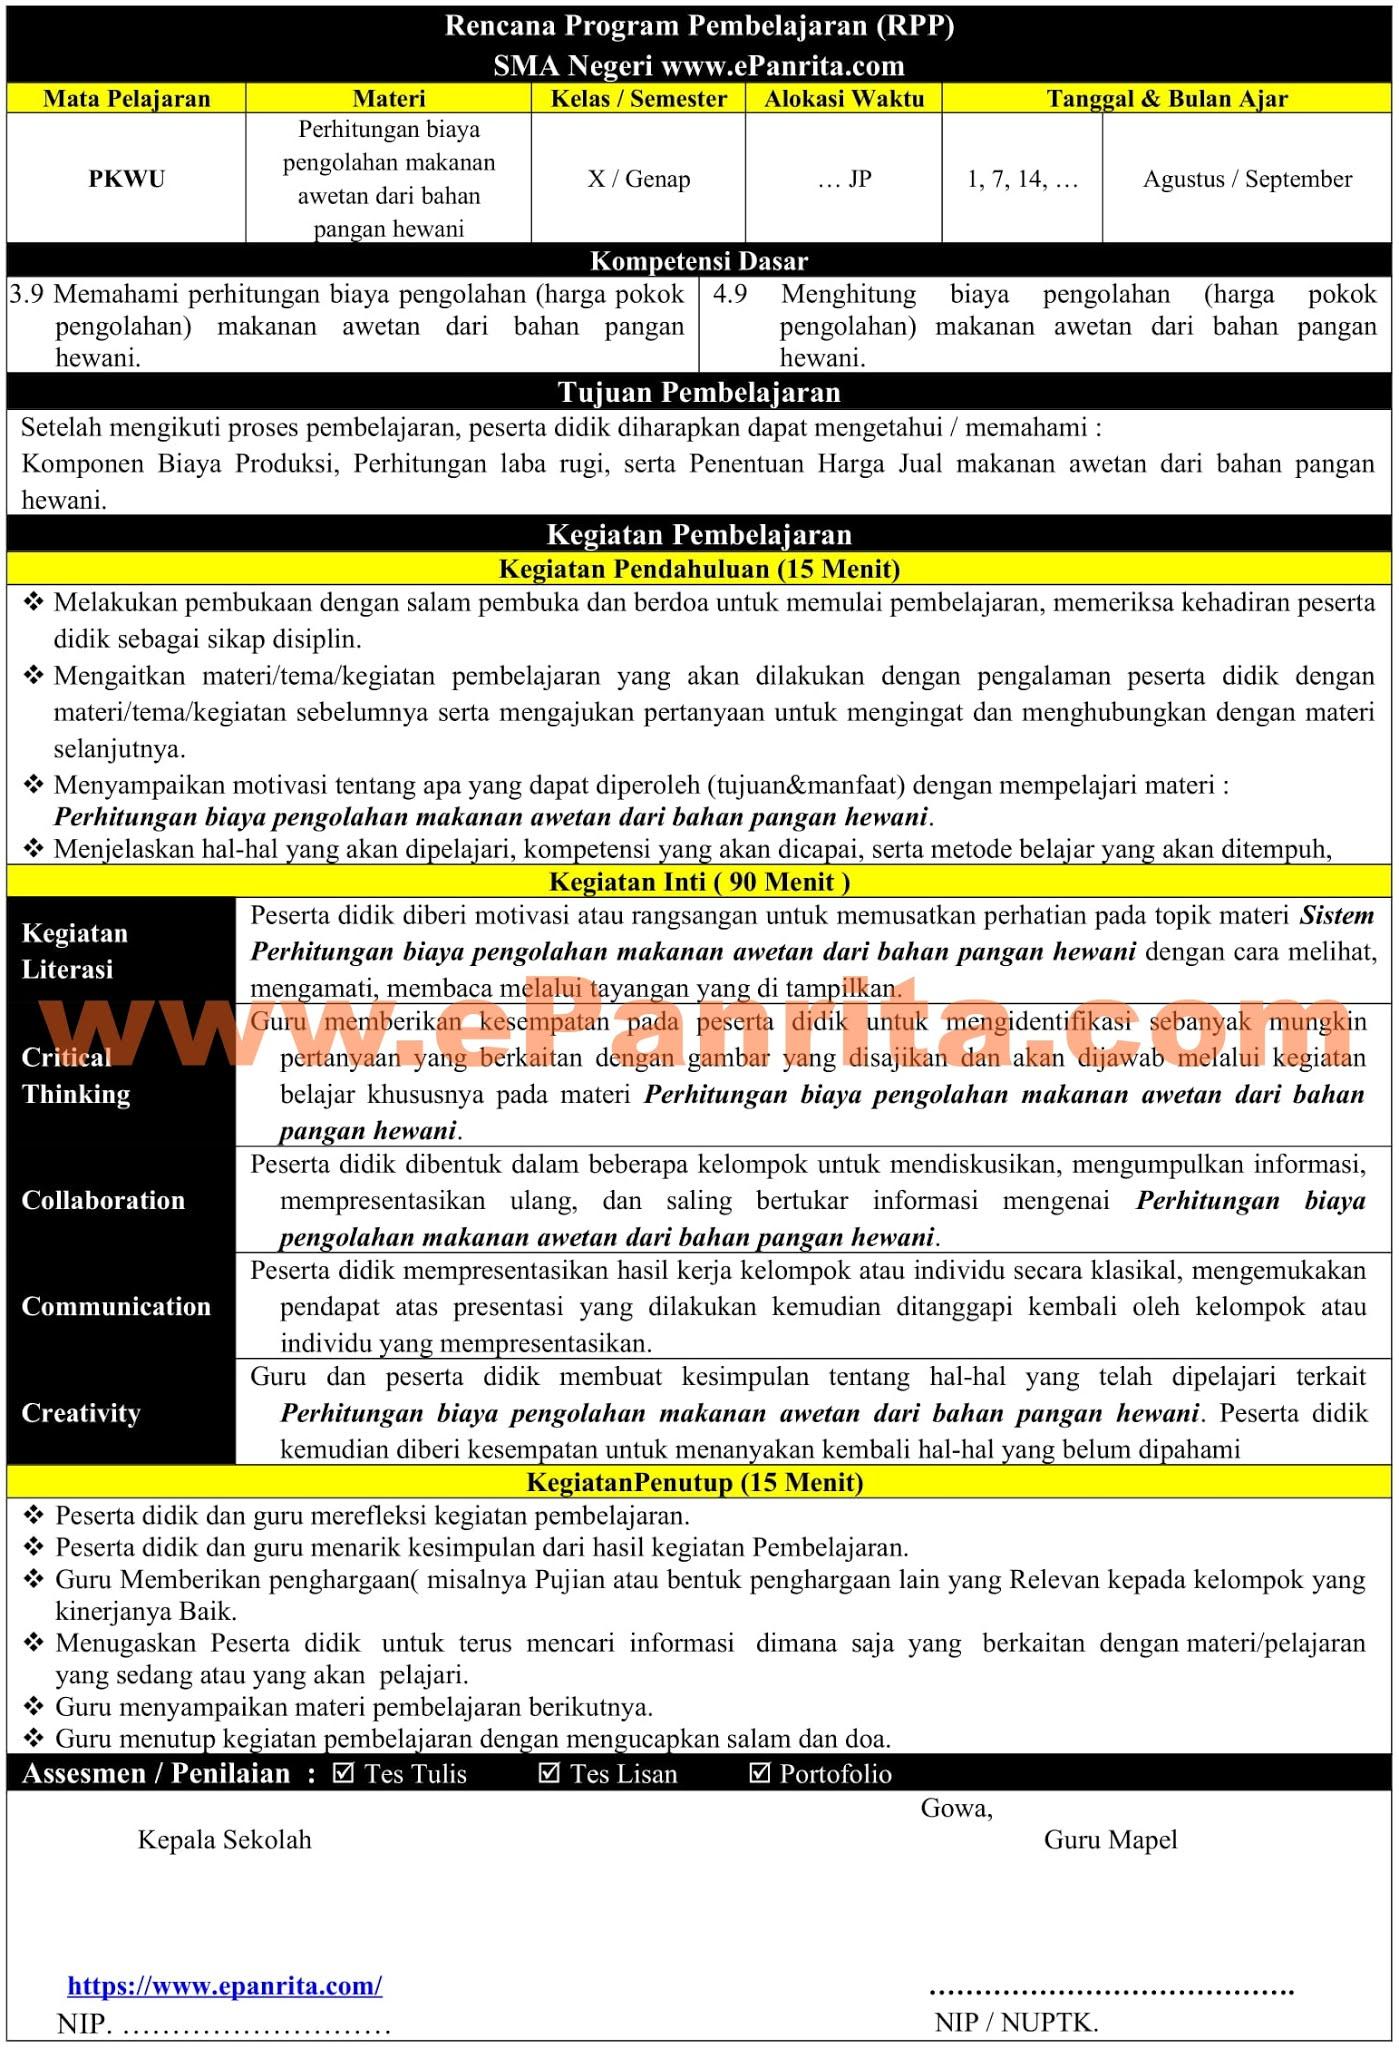 RPP 1 Halaman Prakarya Aspek Pengolahan (Perhitungan biaya pengolahan makanan awetan dari bahan pangan hewani)